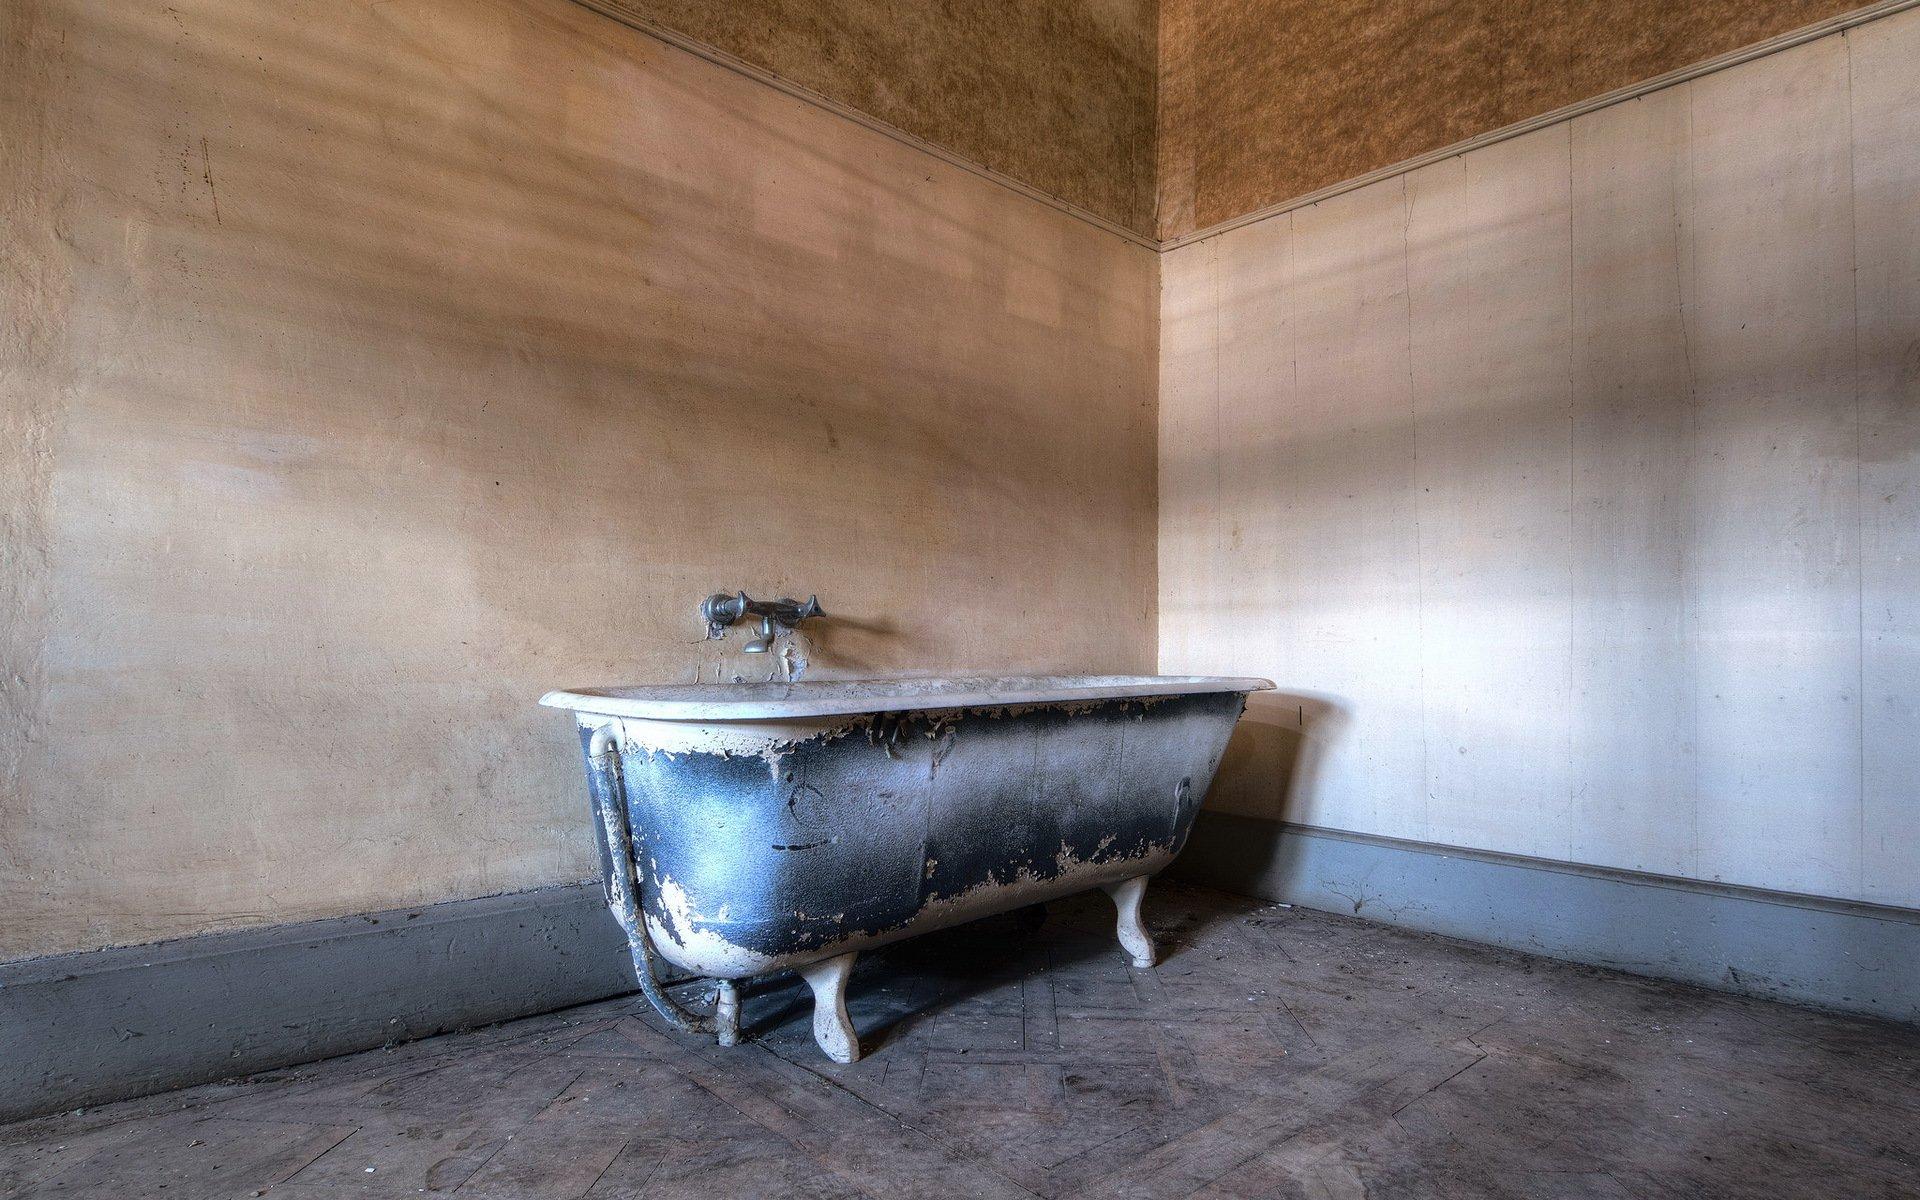 необыкновенная ванна без смс